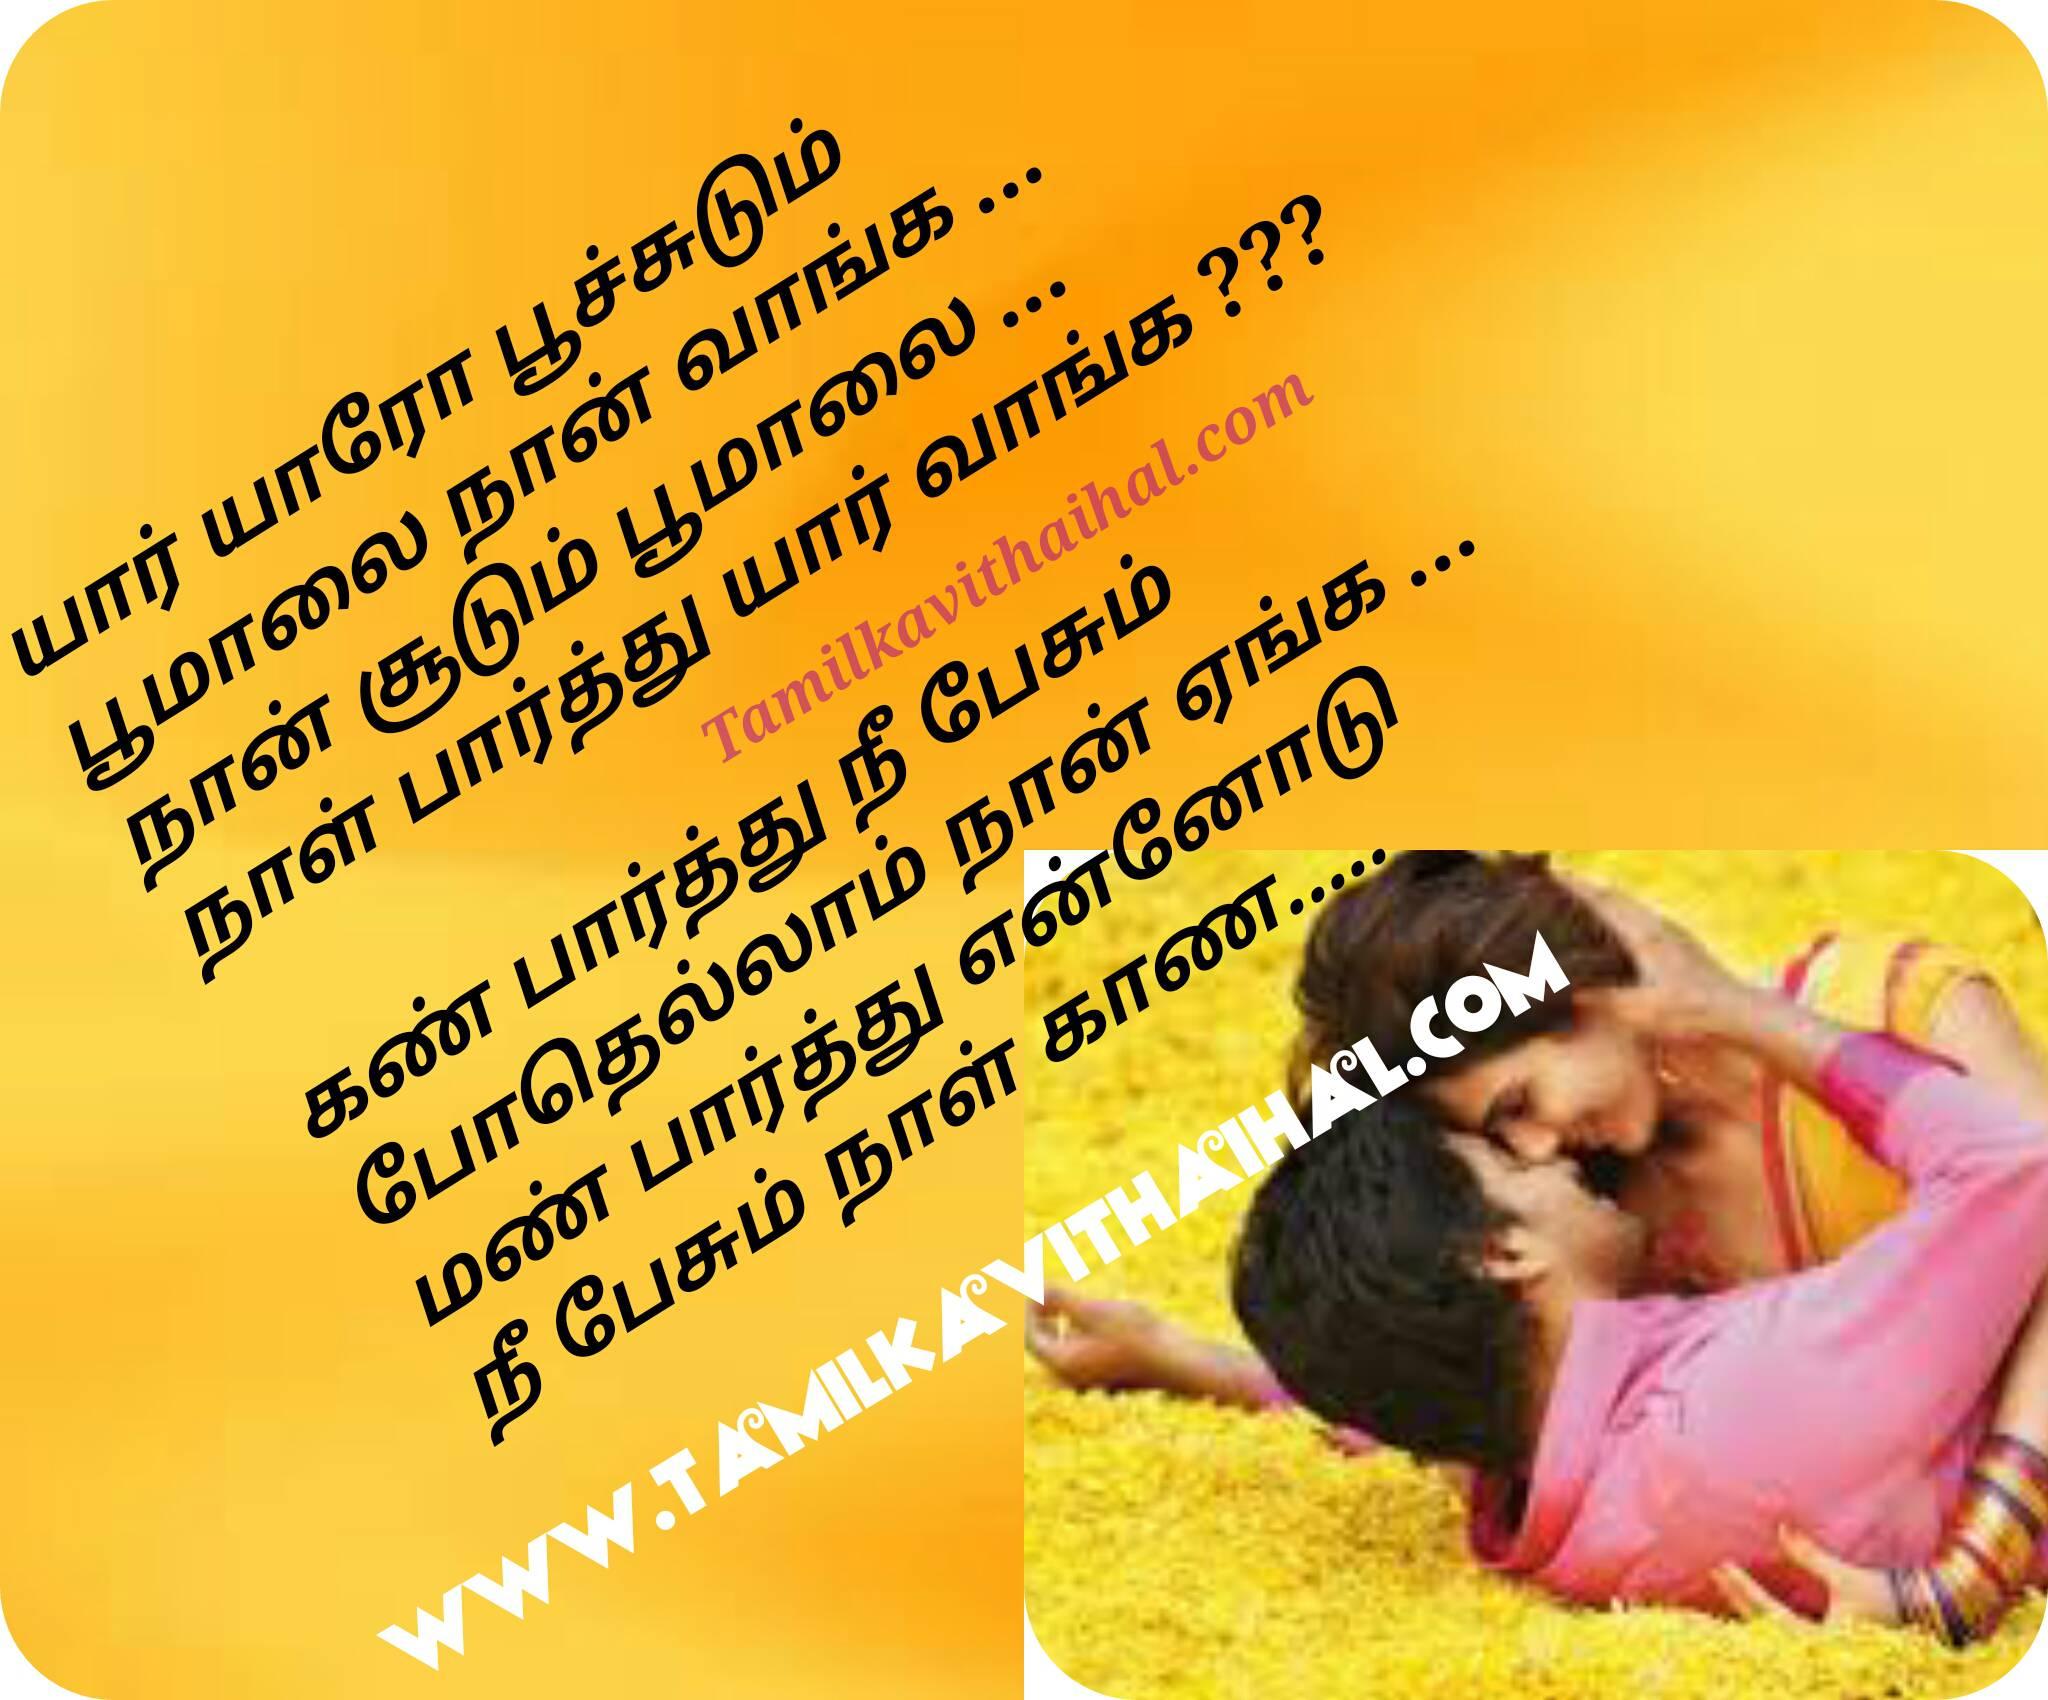 Tamil love song quotes vairamuthu aha kalyanam yaar yaaro poochuda images